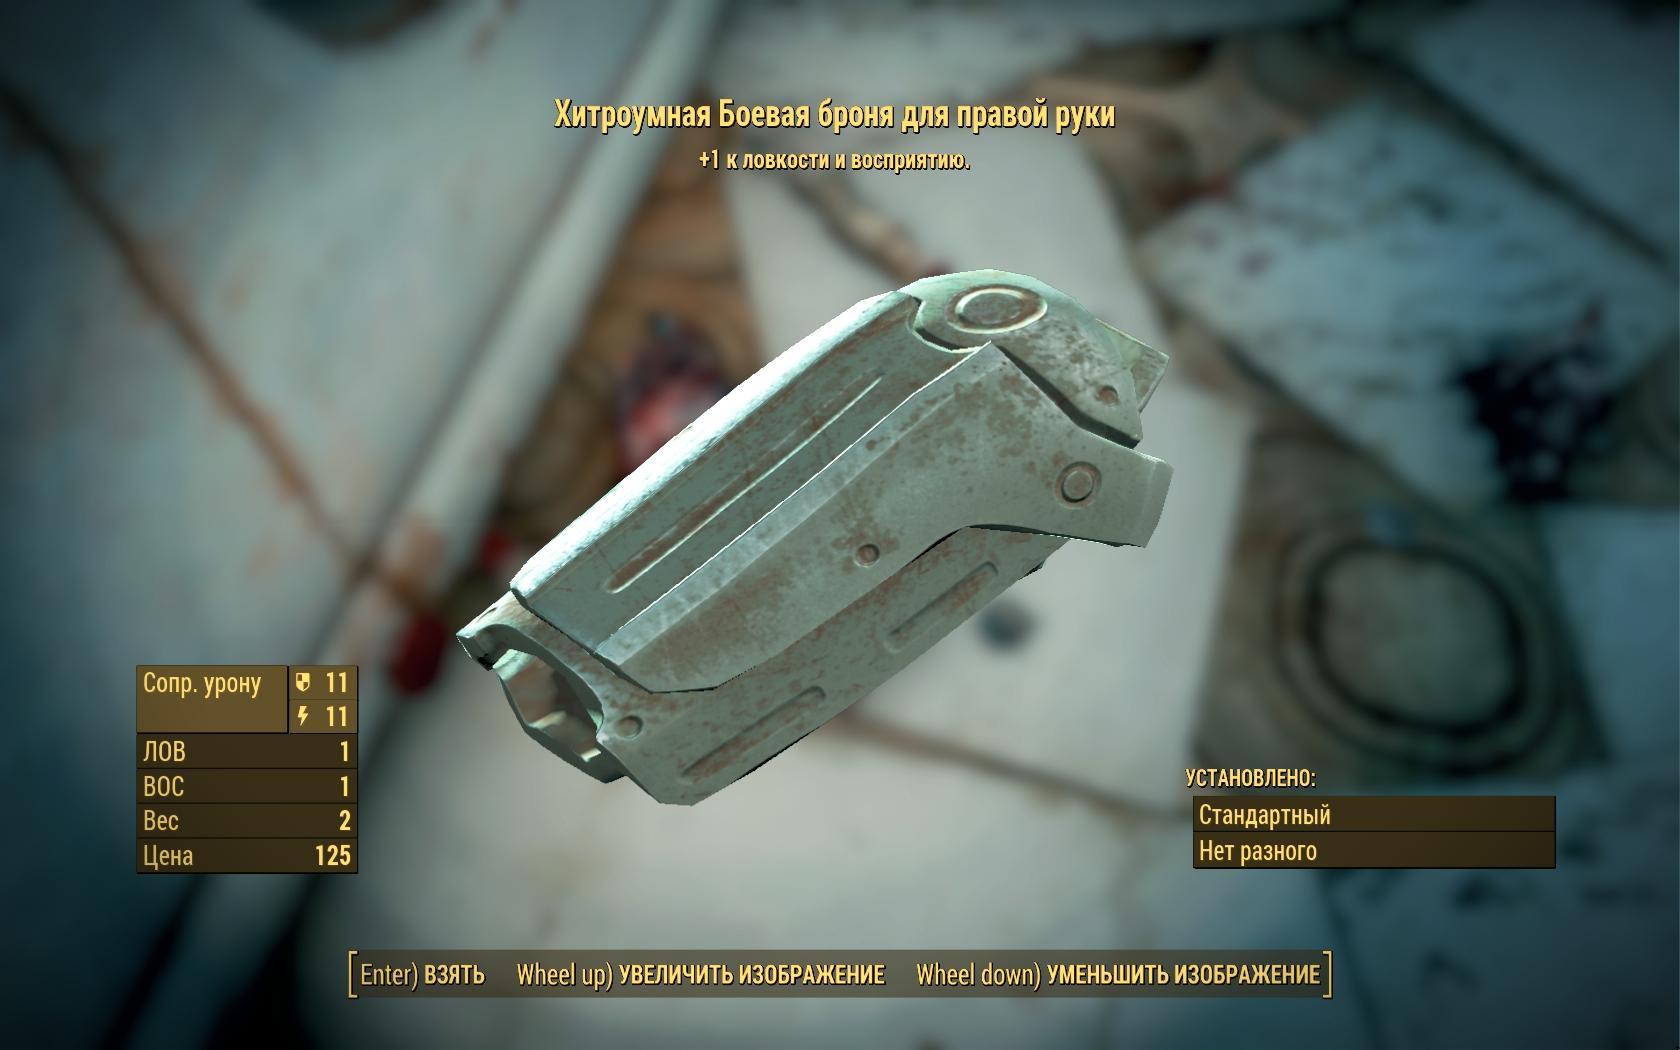 Хитроумная боевая броня для правой руки - Fallout 4 броня, Одежда